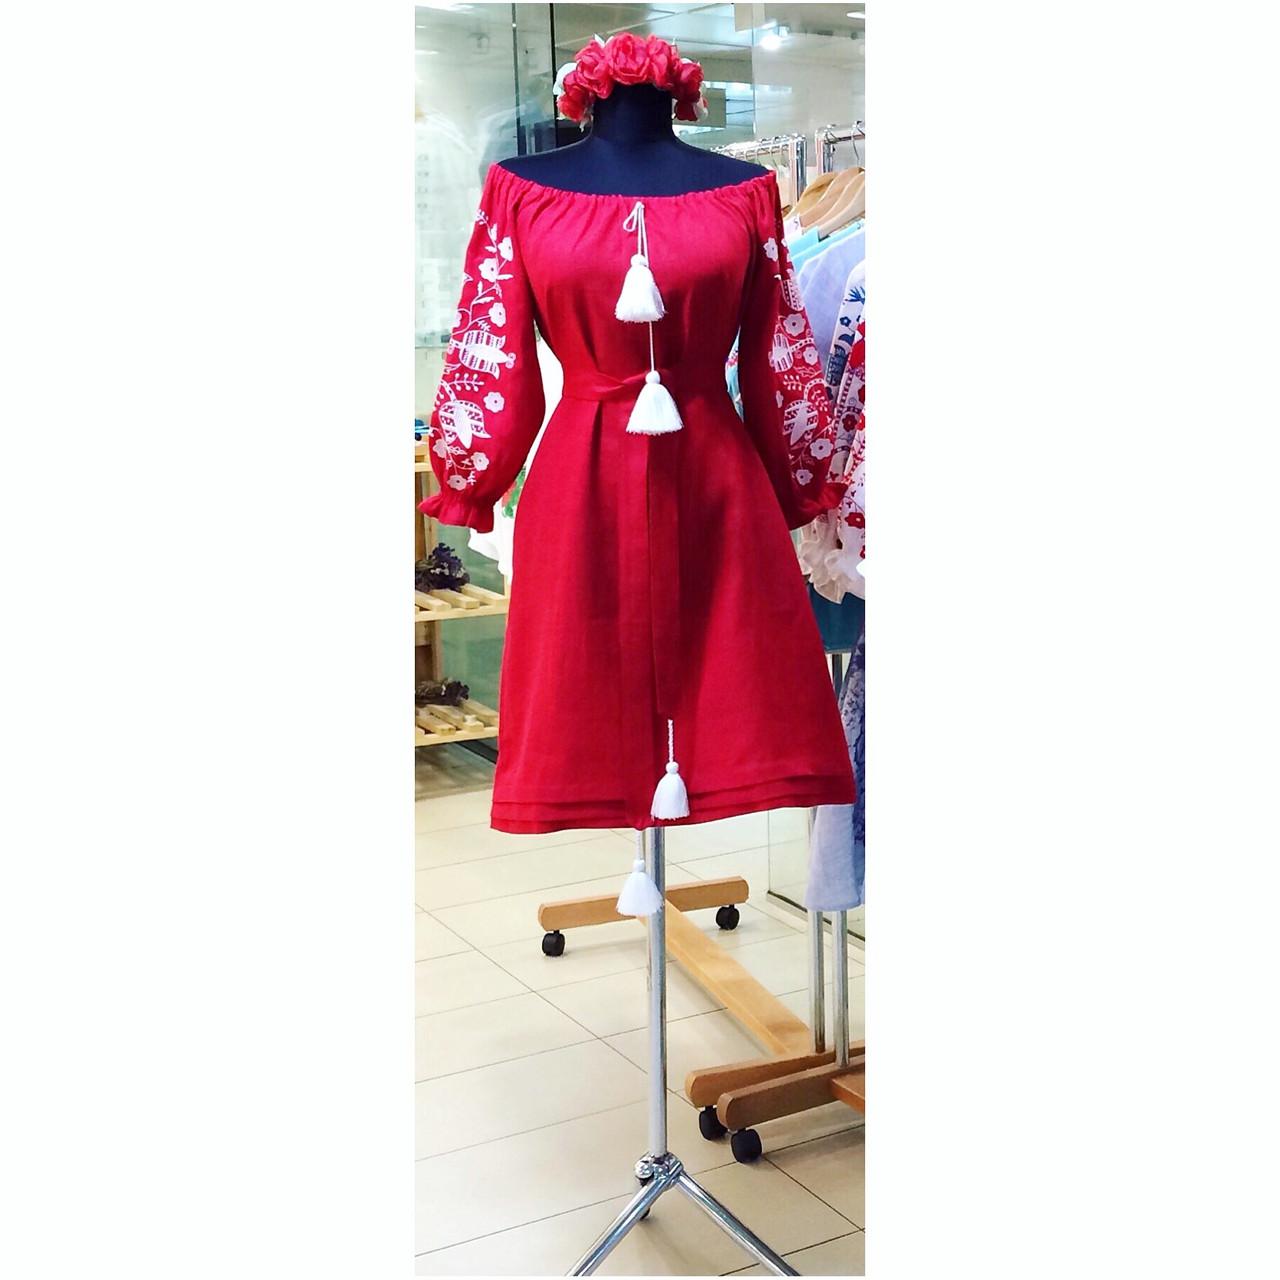 3d34e73ddd7d86 Вишита сукня червоний льон спущені плечі вишивка дерево біле ...